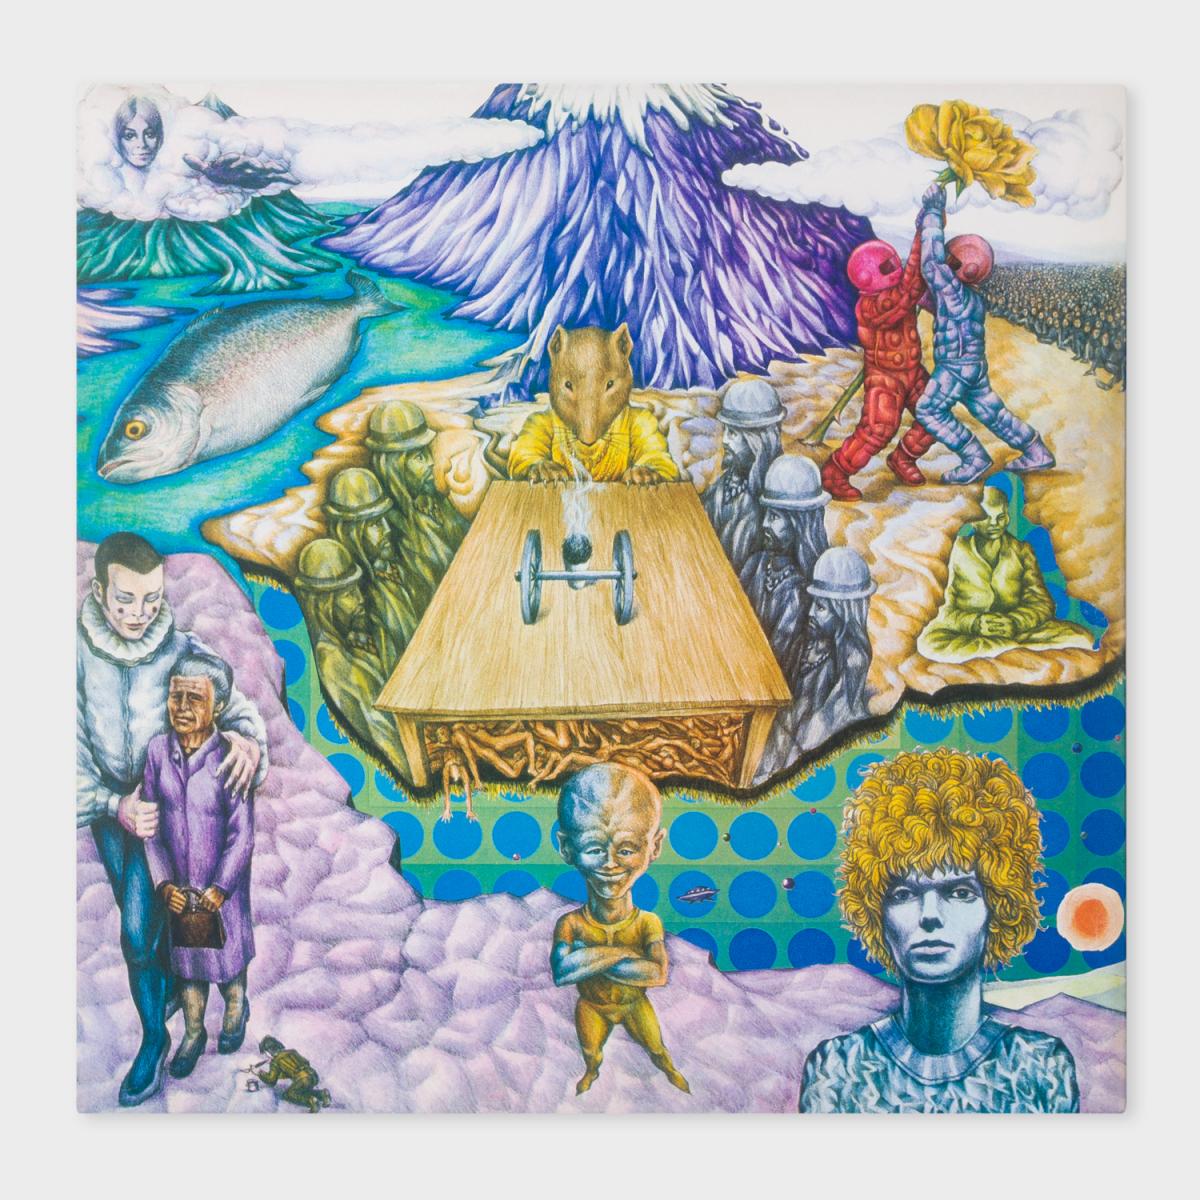 『スペイス・オディティ』は1969年7月11日に発売された、ボウイにとって2枚目のスタジオ・アルバム。発売当時のタイトルは『David Bowie』だった。今回のポール・スミス限定アナログ盤のジャケットは、英フィリップスから発売となったオリジナル盤のデザインを反映させたもので、英国人写真家のヴァーノン・デューハーストによるポートレートと、オプ・アートの巨匠ヴィクトル・ヴァルザリによる青いドットの作品が組み合わせられている。また、裏ジャケットにはボウイの幼馴染で生涯にわたり友人関係にあったイラストレーター、ジョージ・アンダーウッドのシュルレアリスム的な作品「Depth Of The Circle」が使われている。  アルバムのオープニングトラック「Space Oddity」にインスパイアされた12インチのレコード盤には、鮮やかな青と黄色のスペースパターンが。このデザインは手作業から生まれたもので、1点もののアート作品のようにも見える。